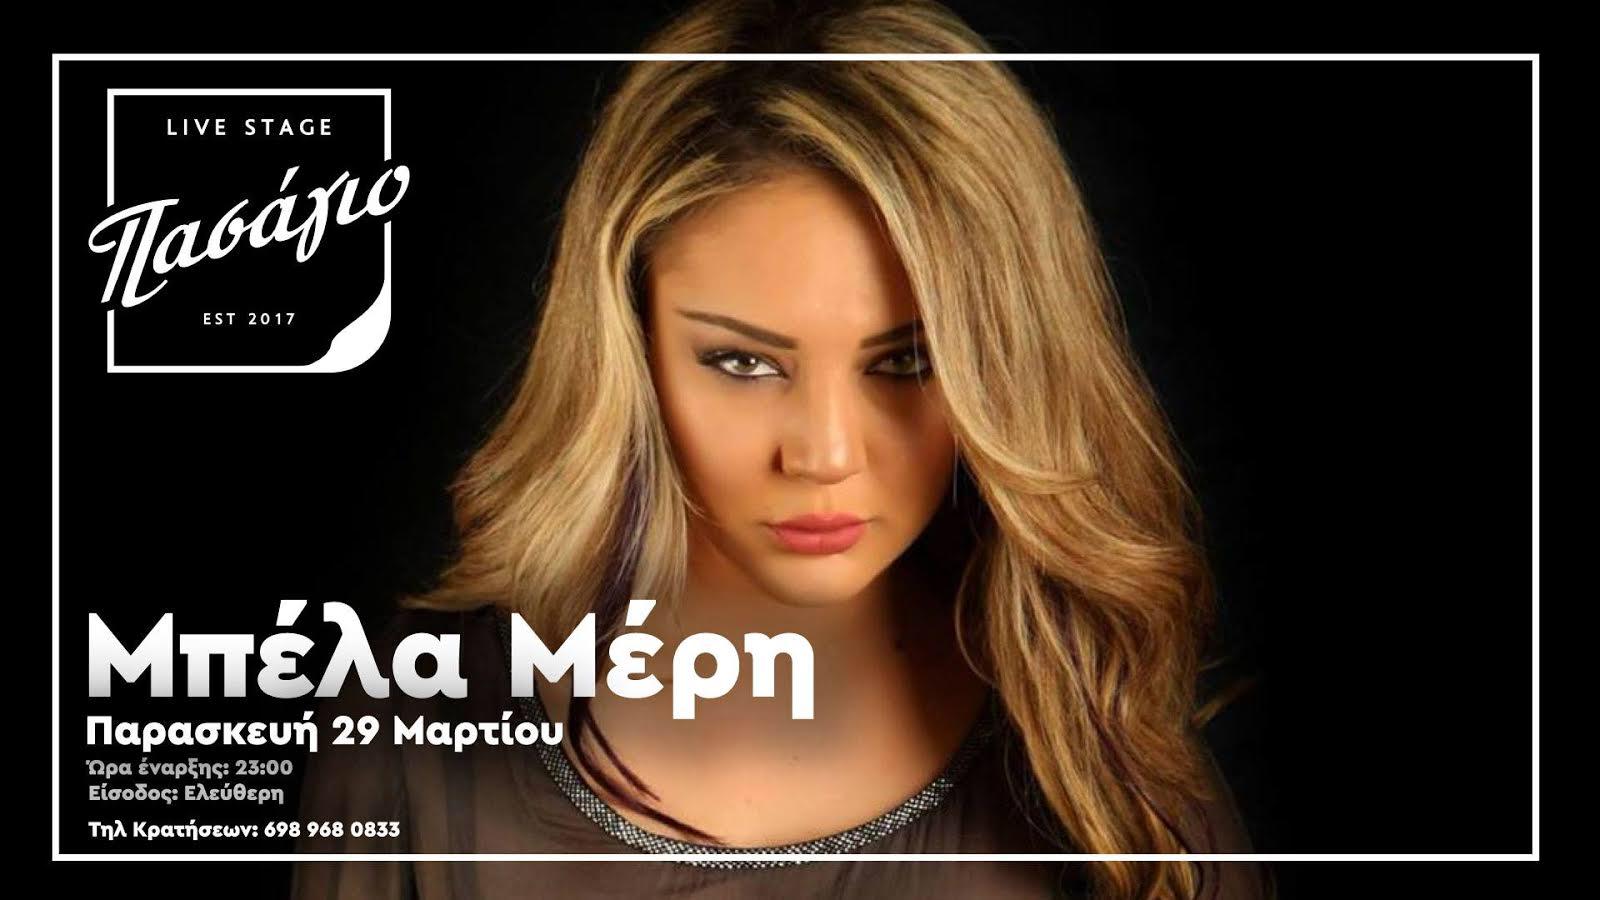 Την Παρασκευή 29/3 στο Πασάγιο Live Stage η Λάρισα θα υποδεχθεί την καταπληκτική φωνή της Μπέλα Μέρη